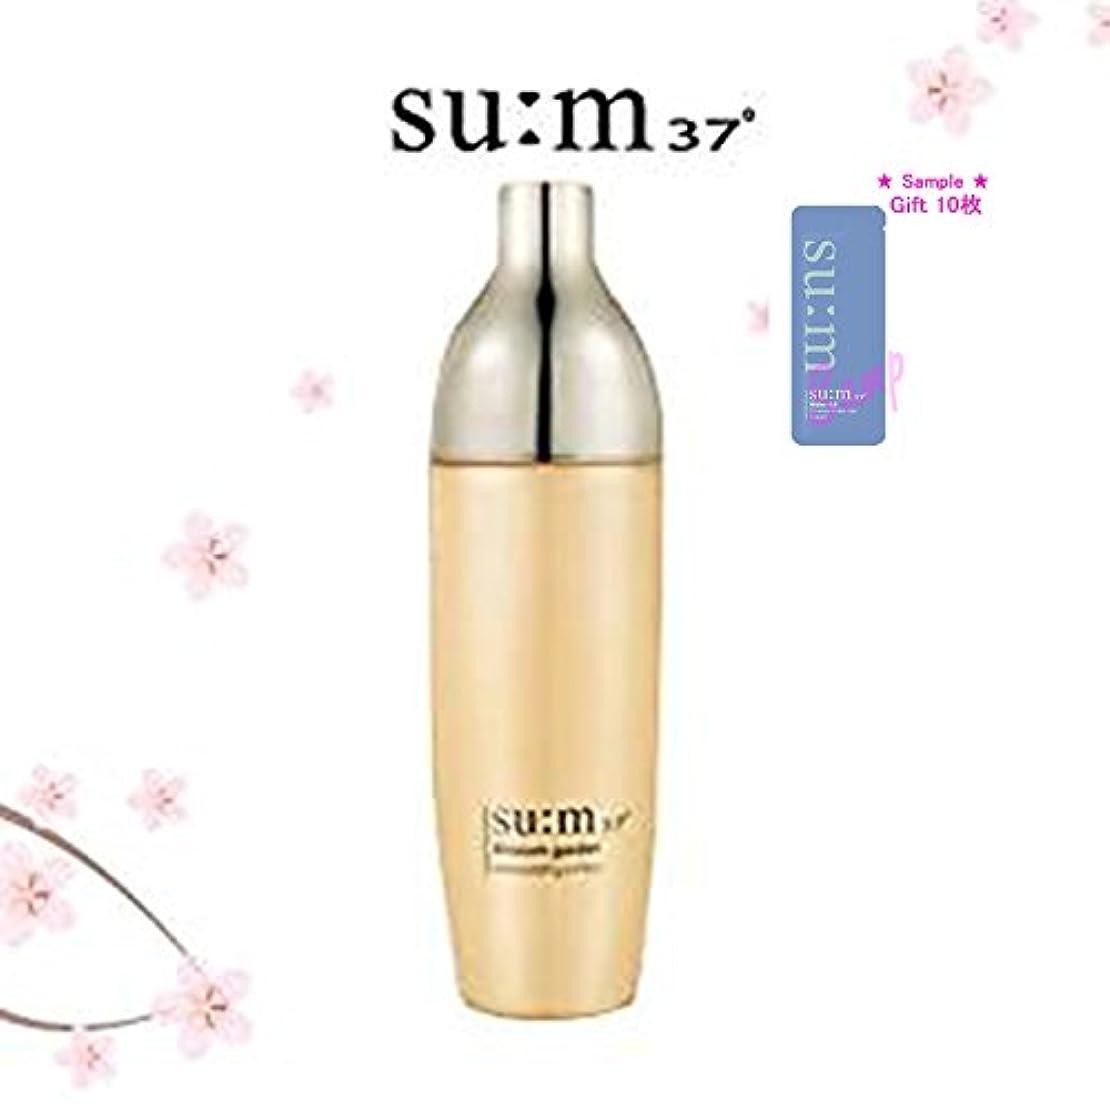 廃棄する主リビジョンsum37(スム37)ブロッサムガーデンモイスチャライジングスキン150ml(blossom garden moisturizing skin)